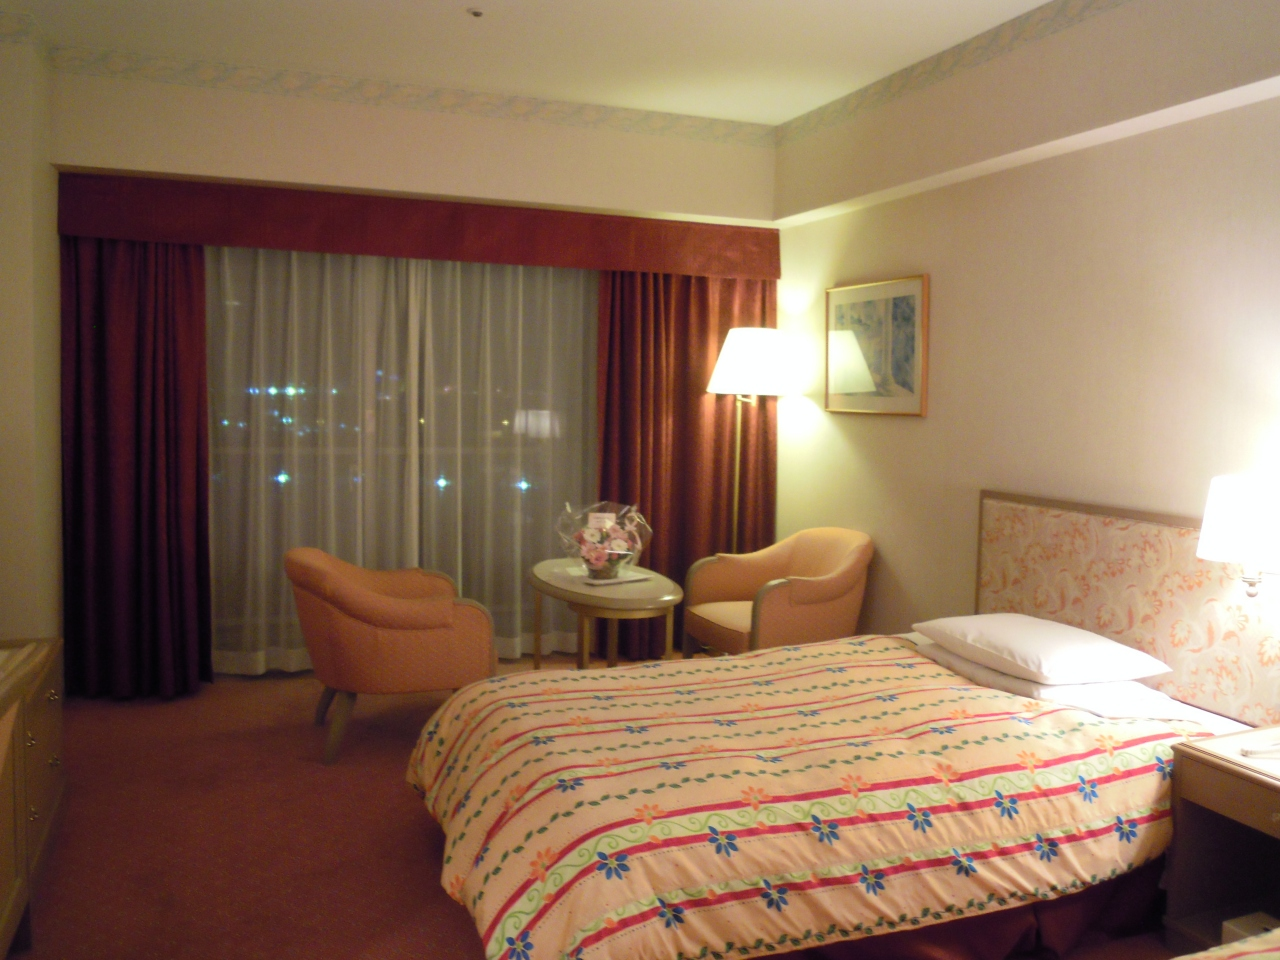 東京ベイ舞浜ホテル クラブリゾート スタンダードツイン』東京ディズニー